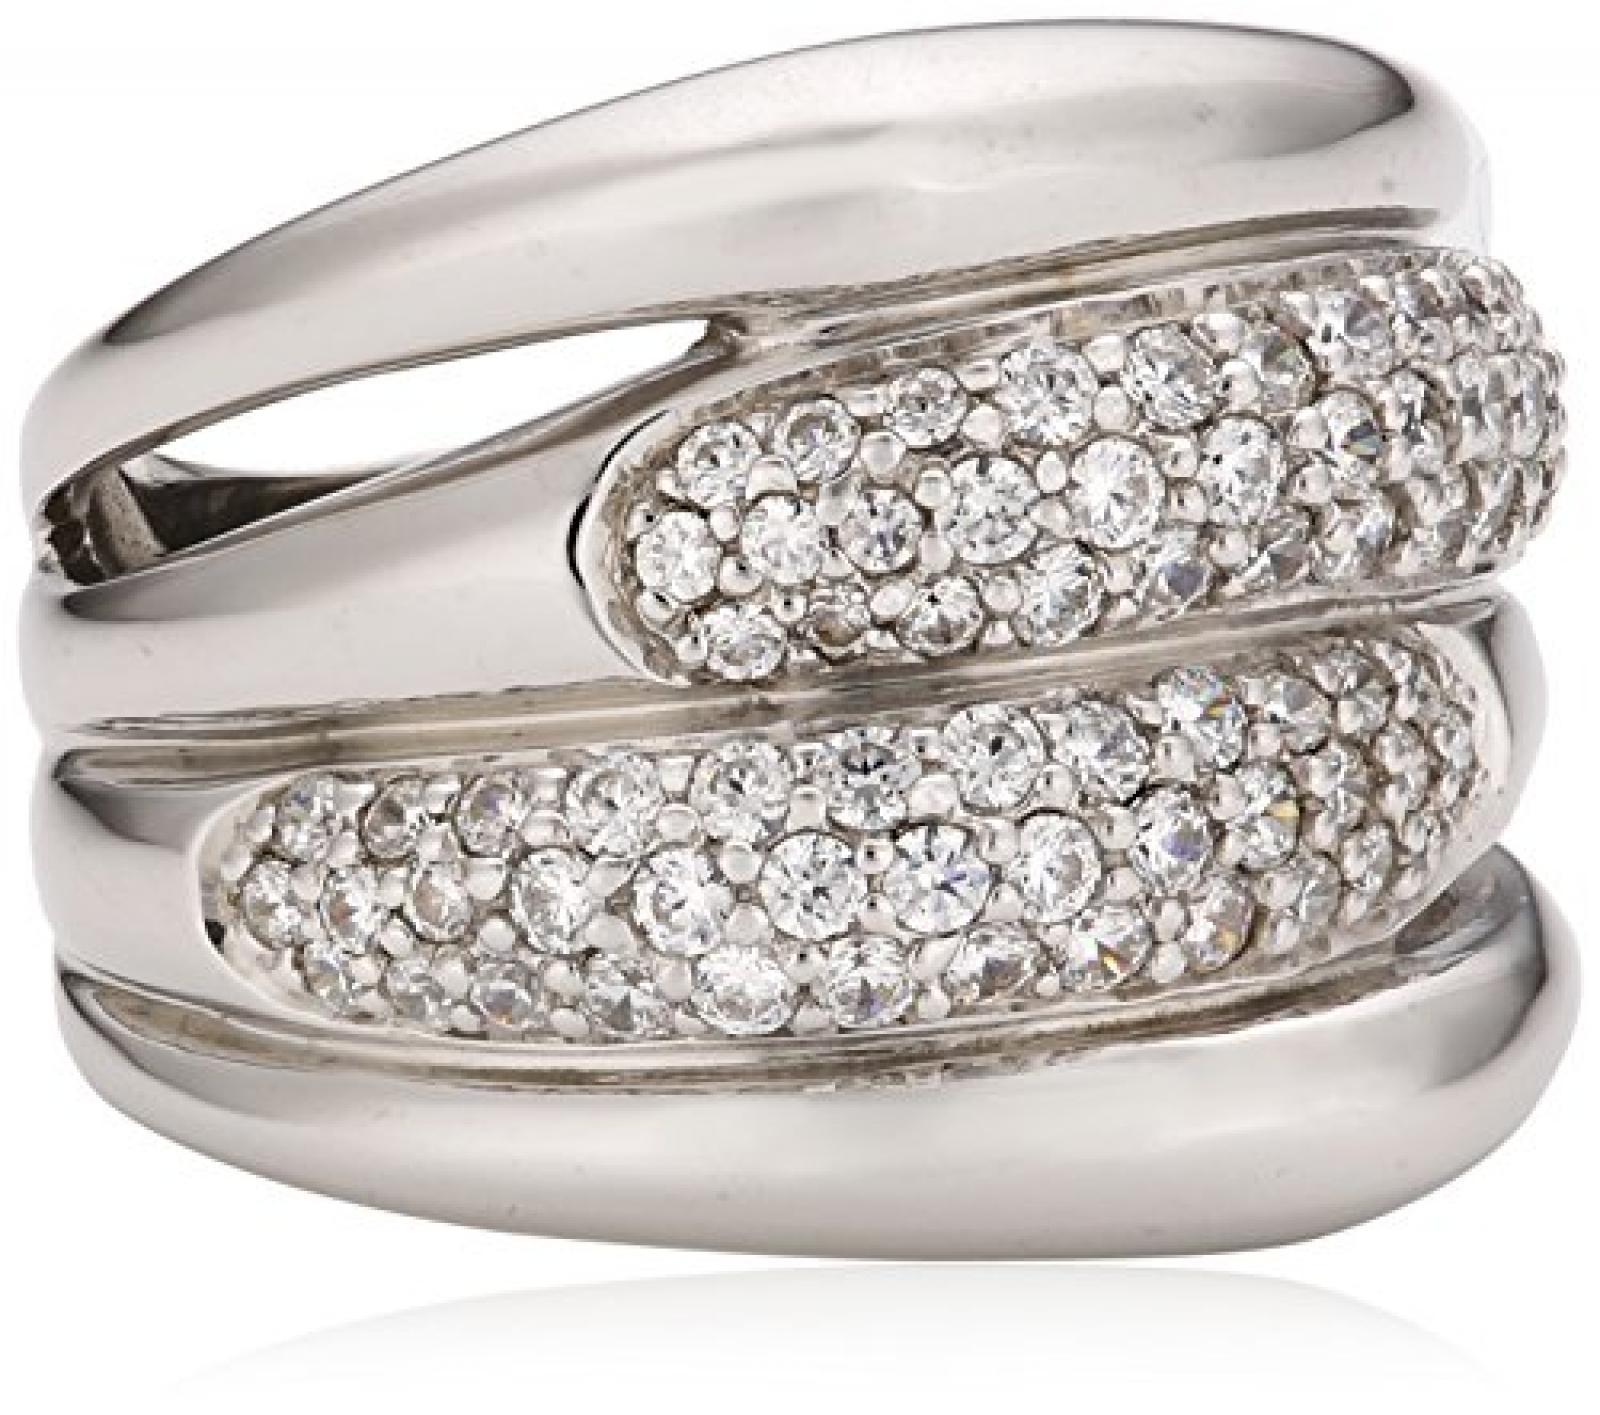 Celesta - Damenring aus 925er Sterling Silber mit 81 weißen Zirkonias W.:54 368270007L-054